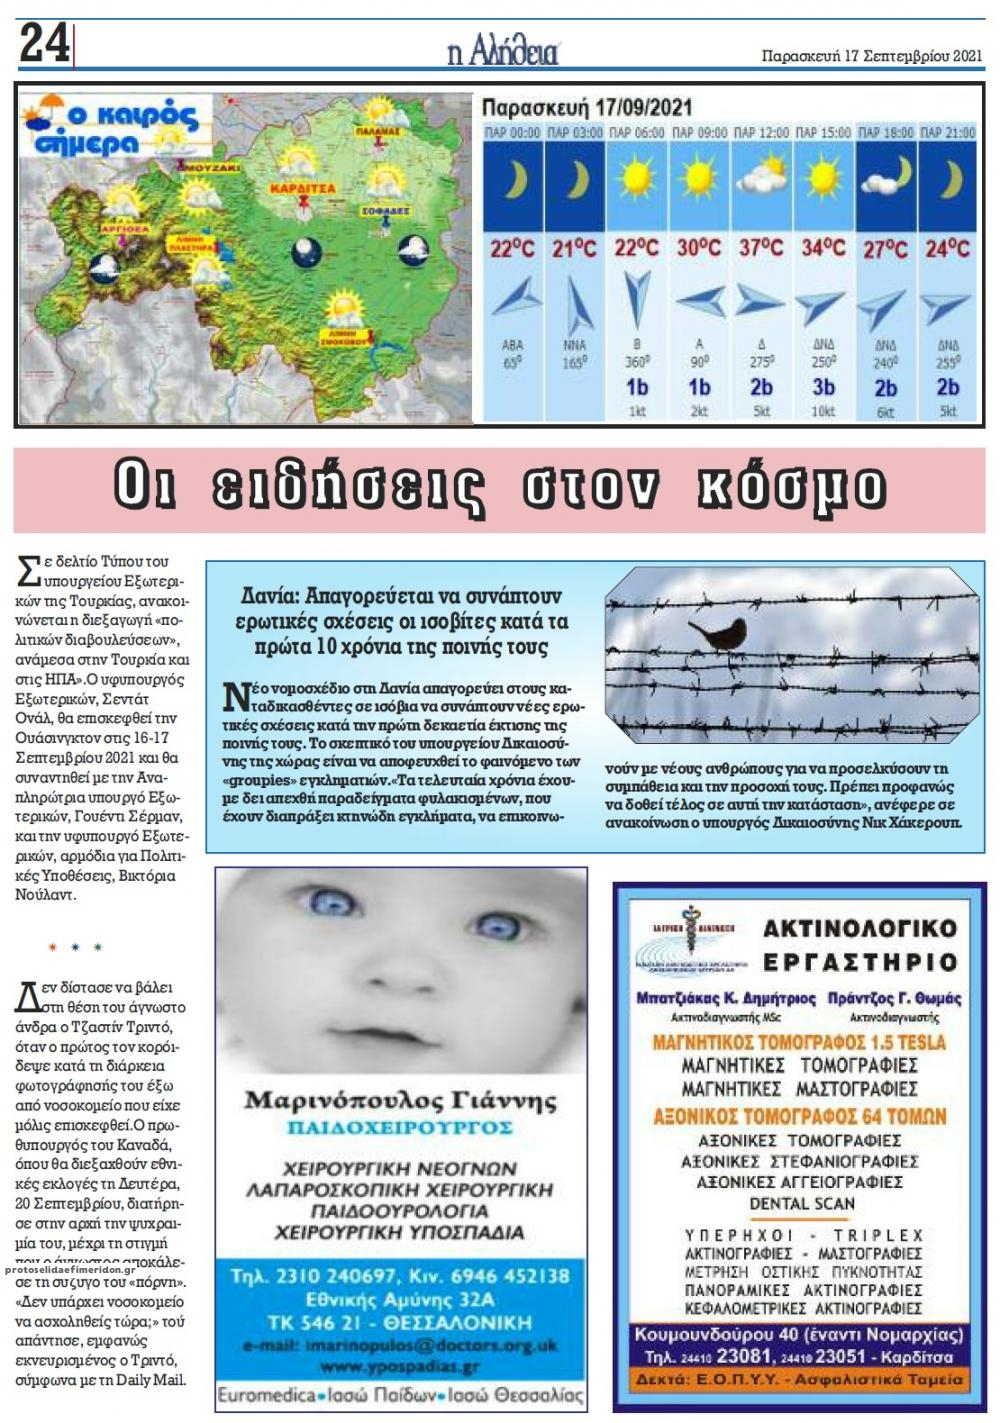 Οπισθόφυλλο εφημερίδας Αλήθεια της Καρδίτσας